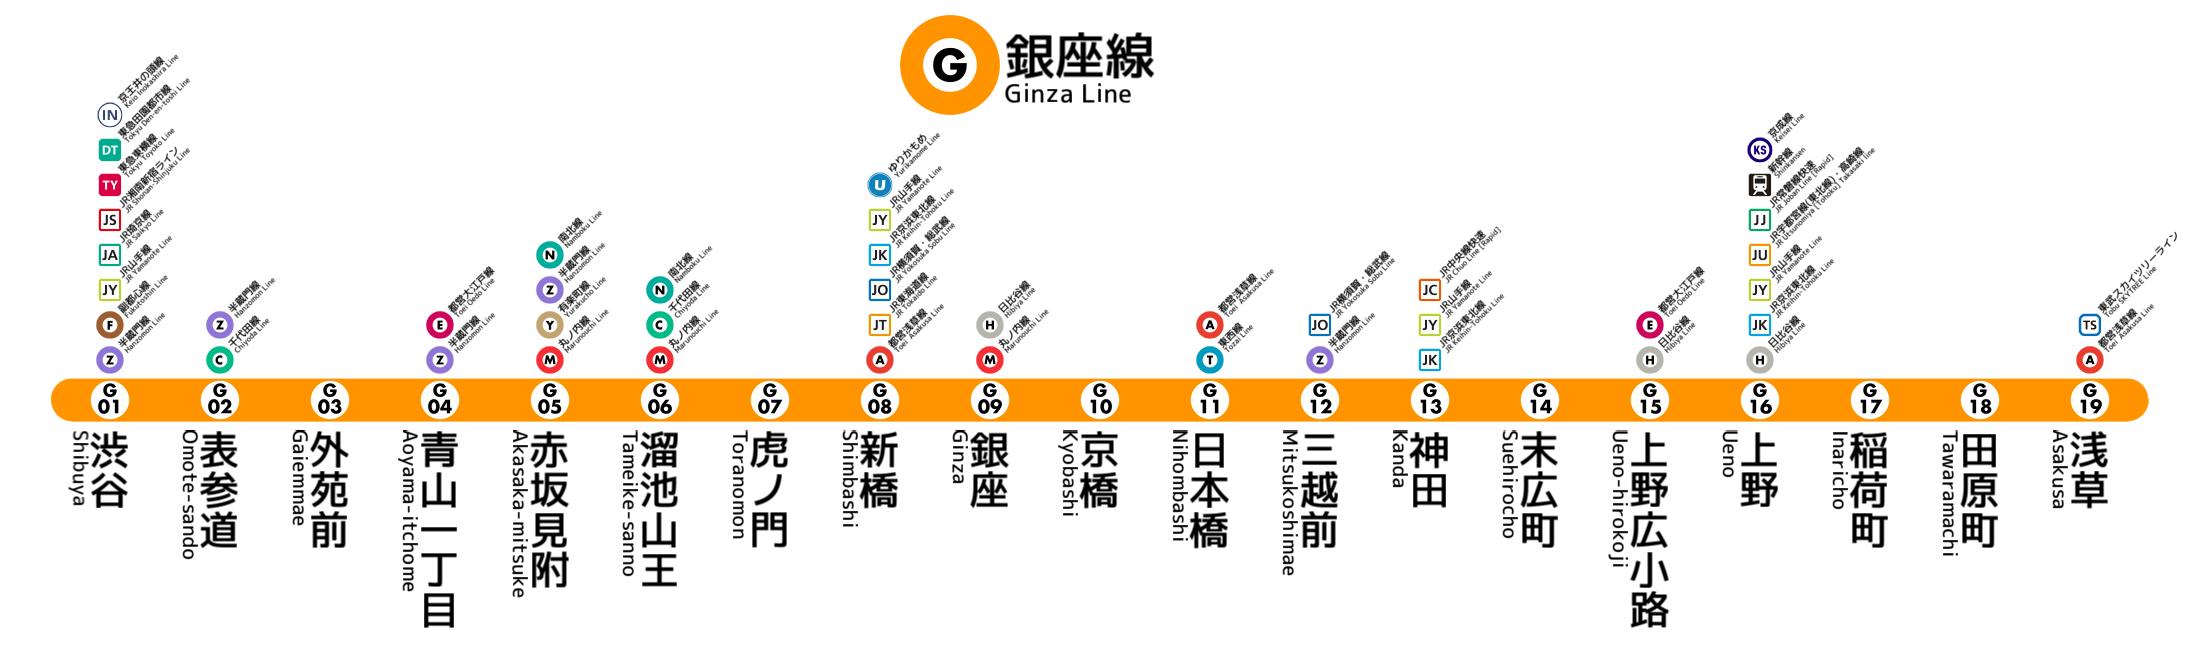 銀座 線 路線 図 東京メトロ銀座線|路線図|ジョルダン